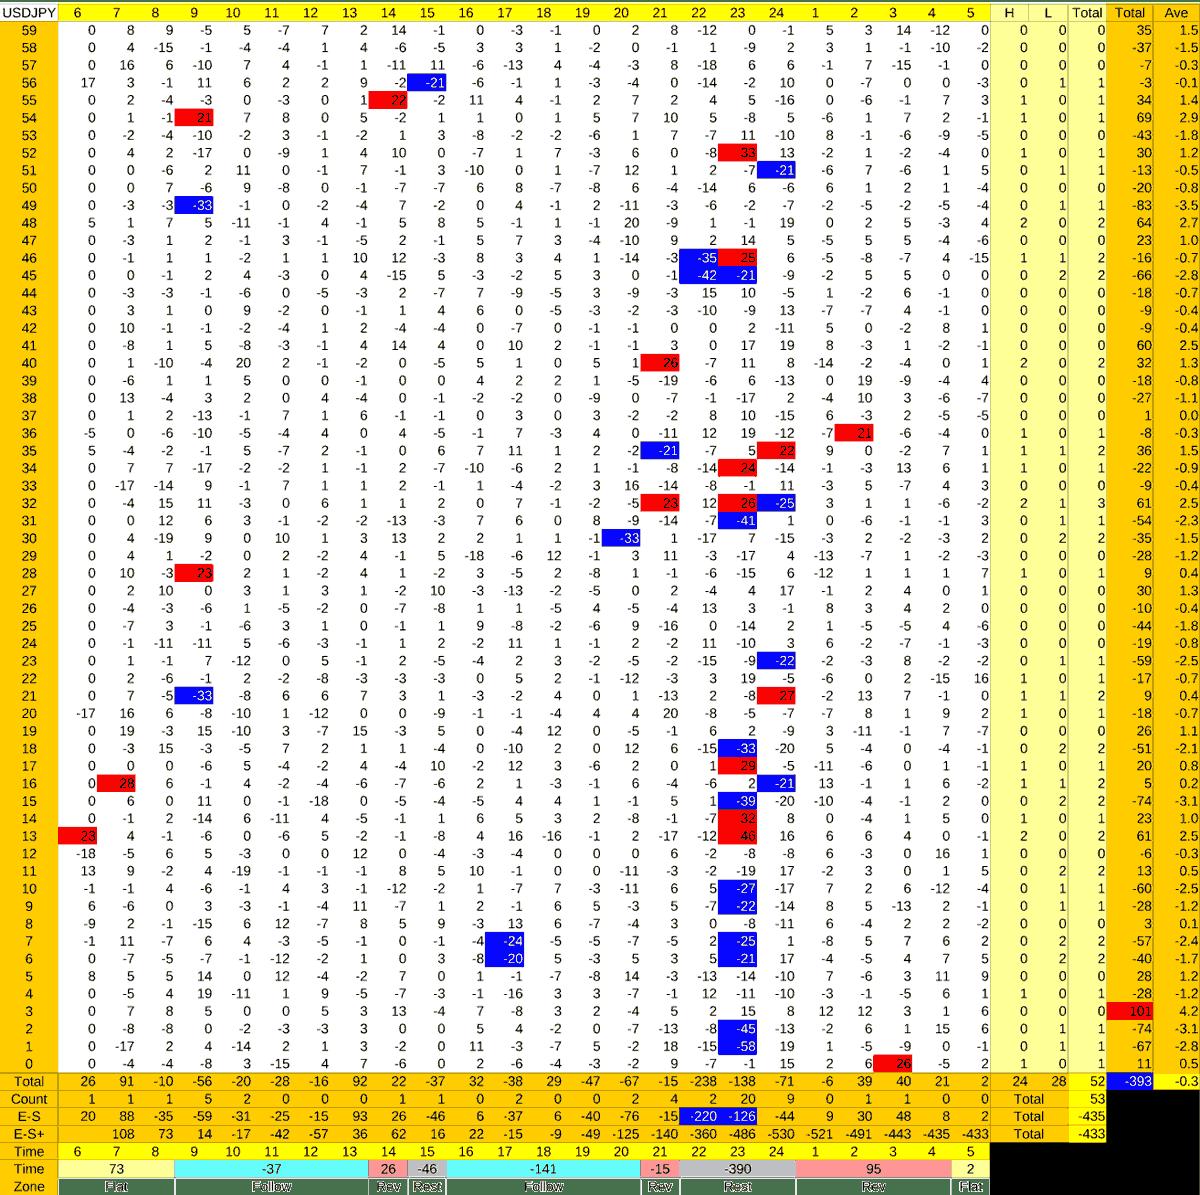 20210405_HS(1)USDJPY